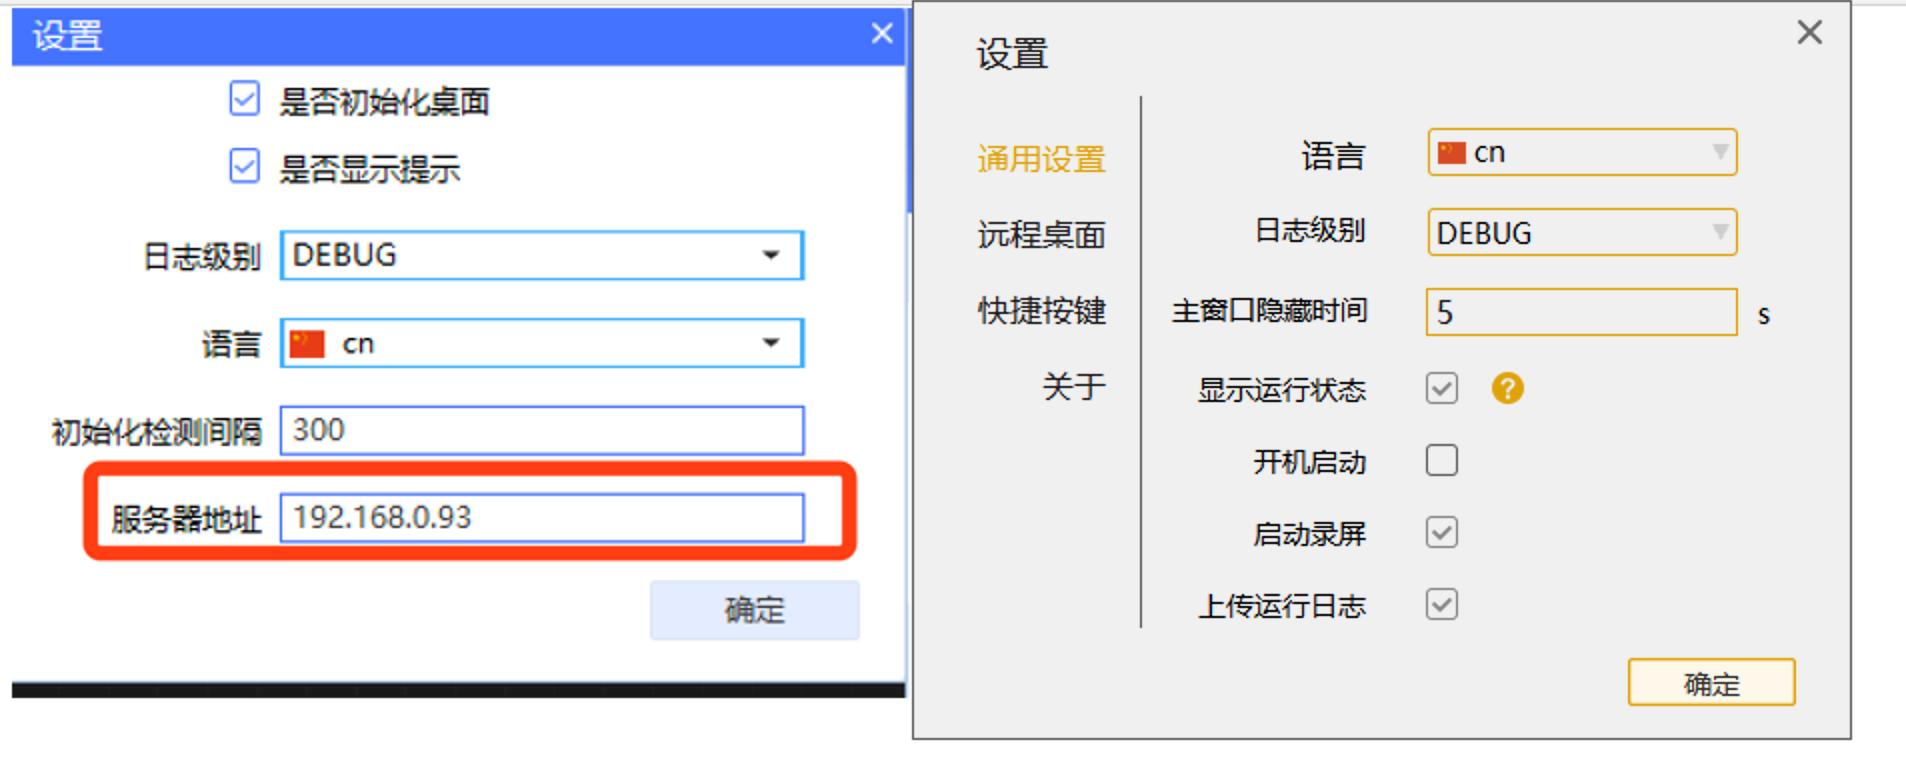 最新版机器人设置里面没有服务器地址设置了吗?